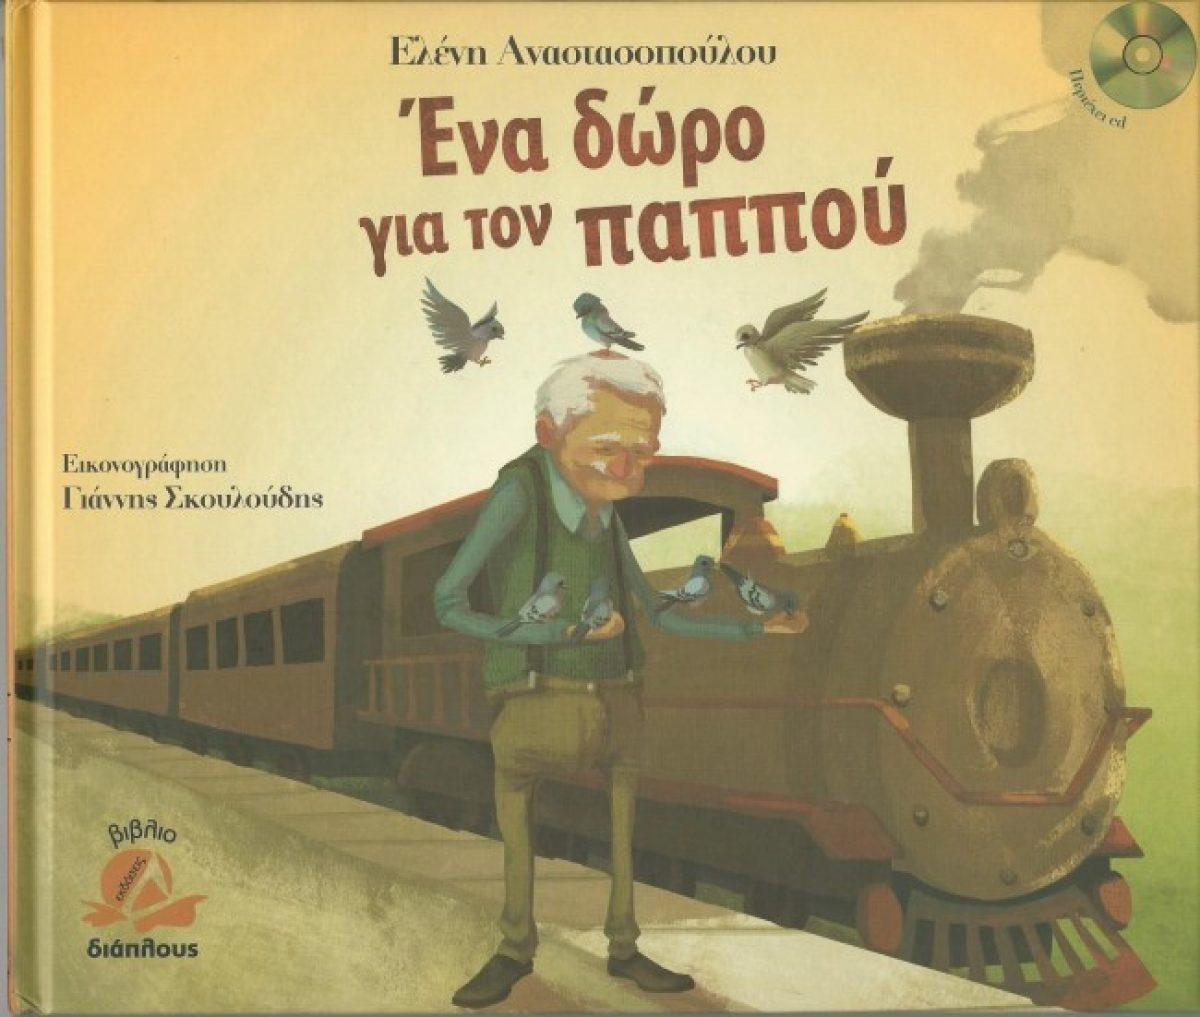 Βιβλιοδιαγωνισμός – Ένα δώρο για τον παππού